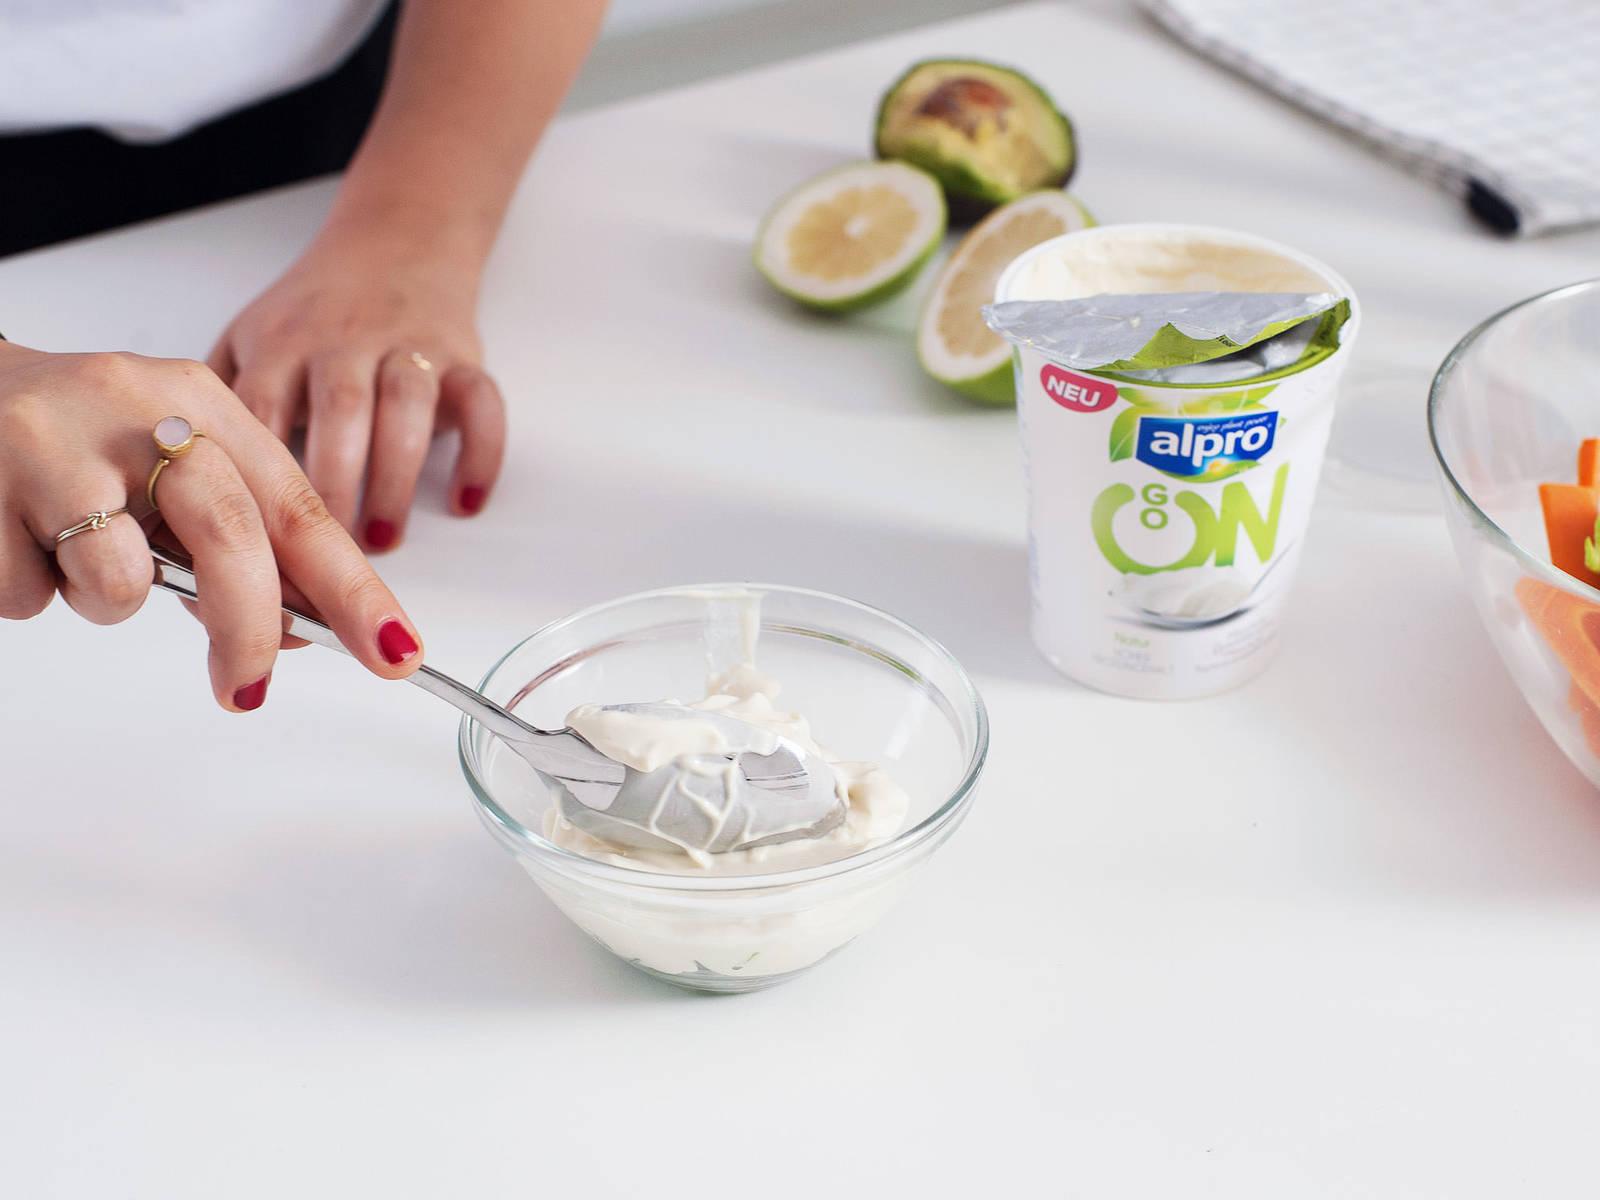 制作淋汁:将奶油奶酪、香葱和胡椒放到小搅拌碗中。